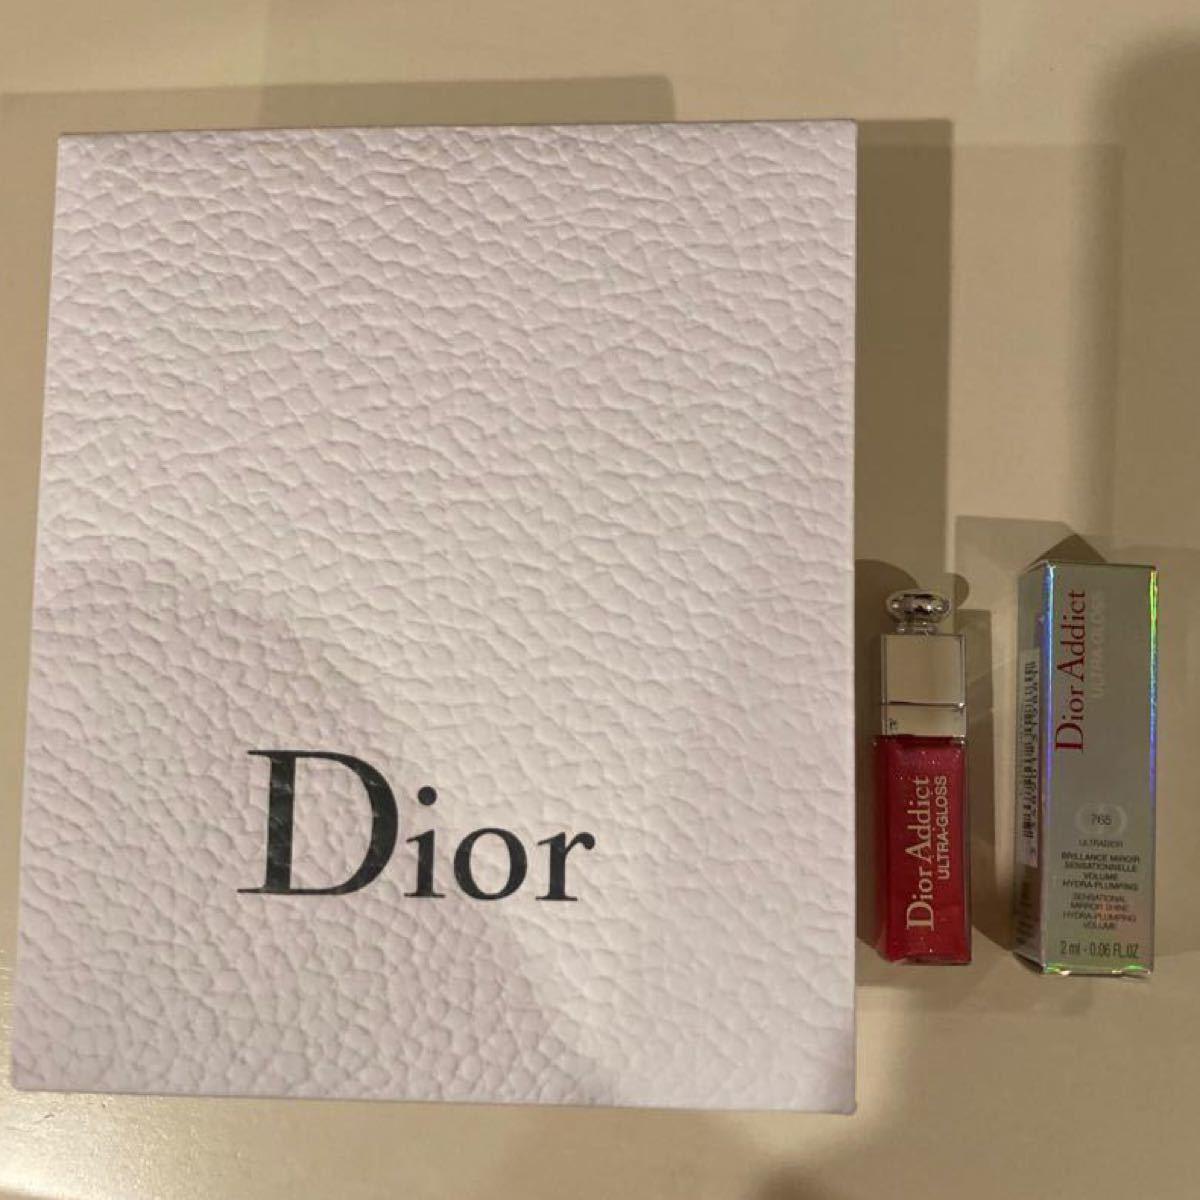 Dior リップグロス ノベルティ クリスチャンディオール 765